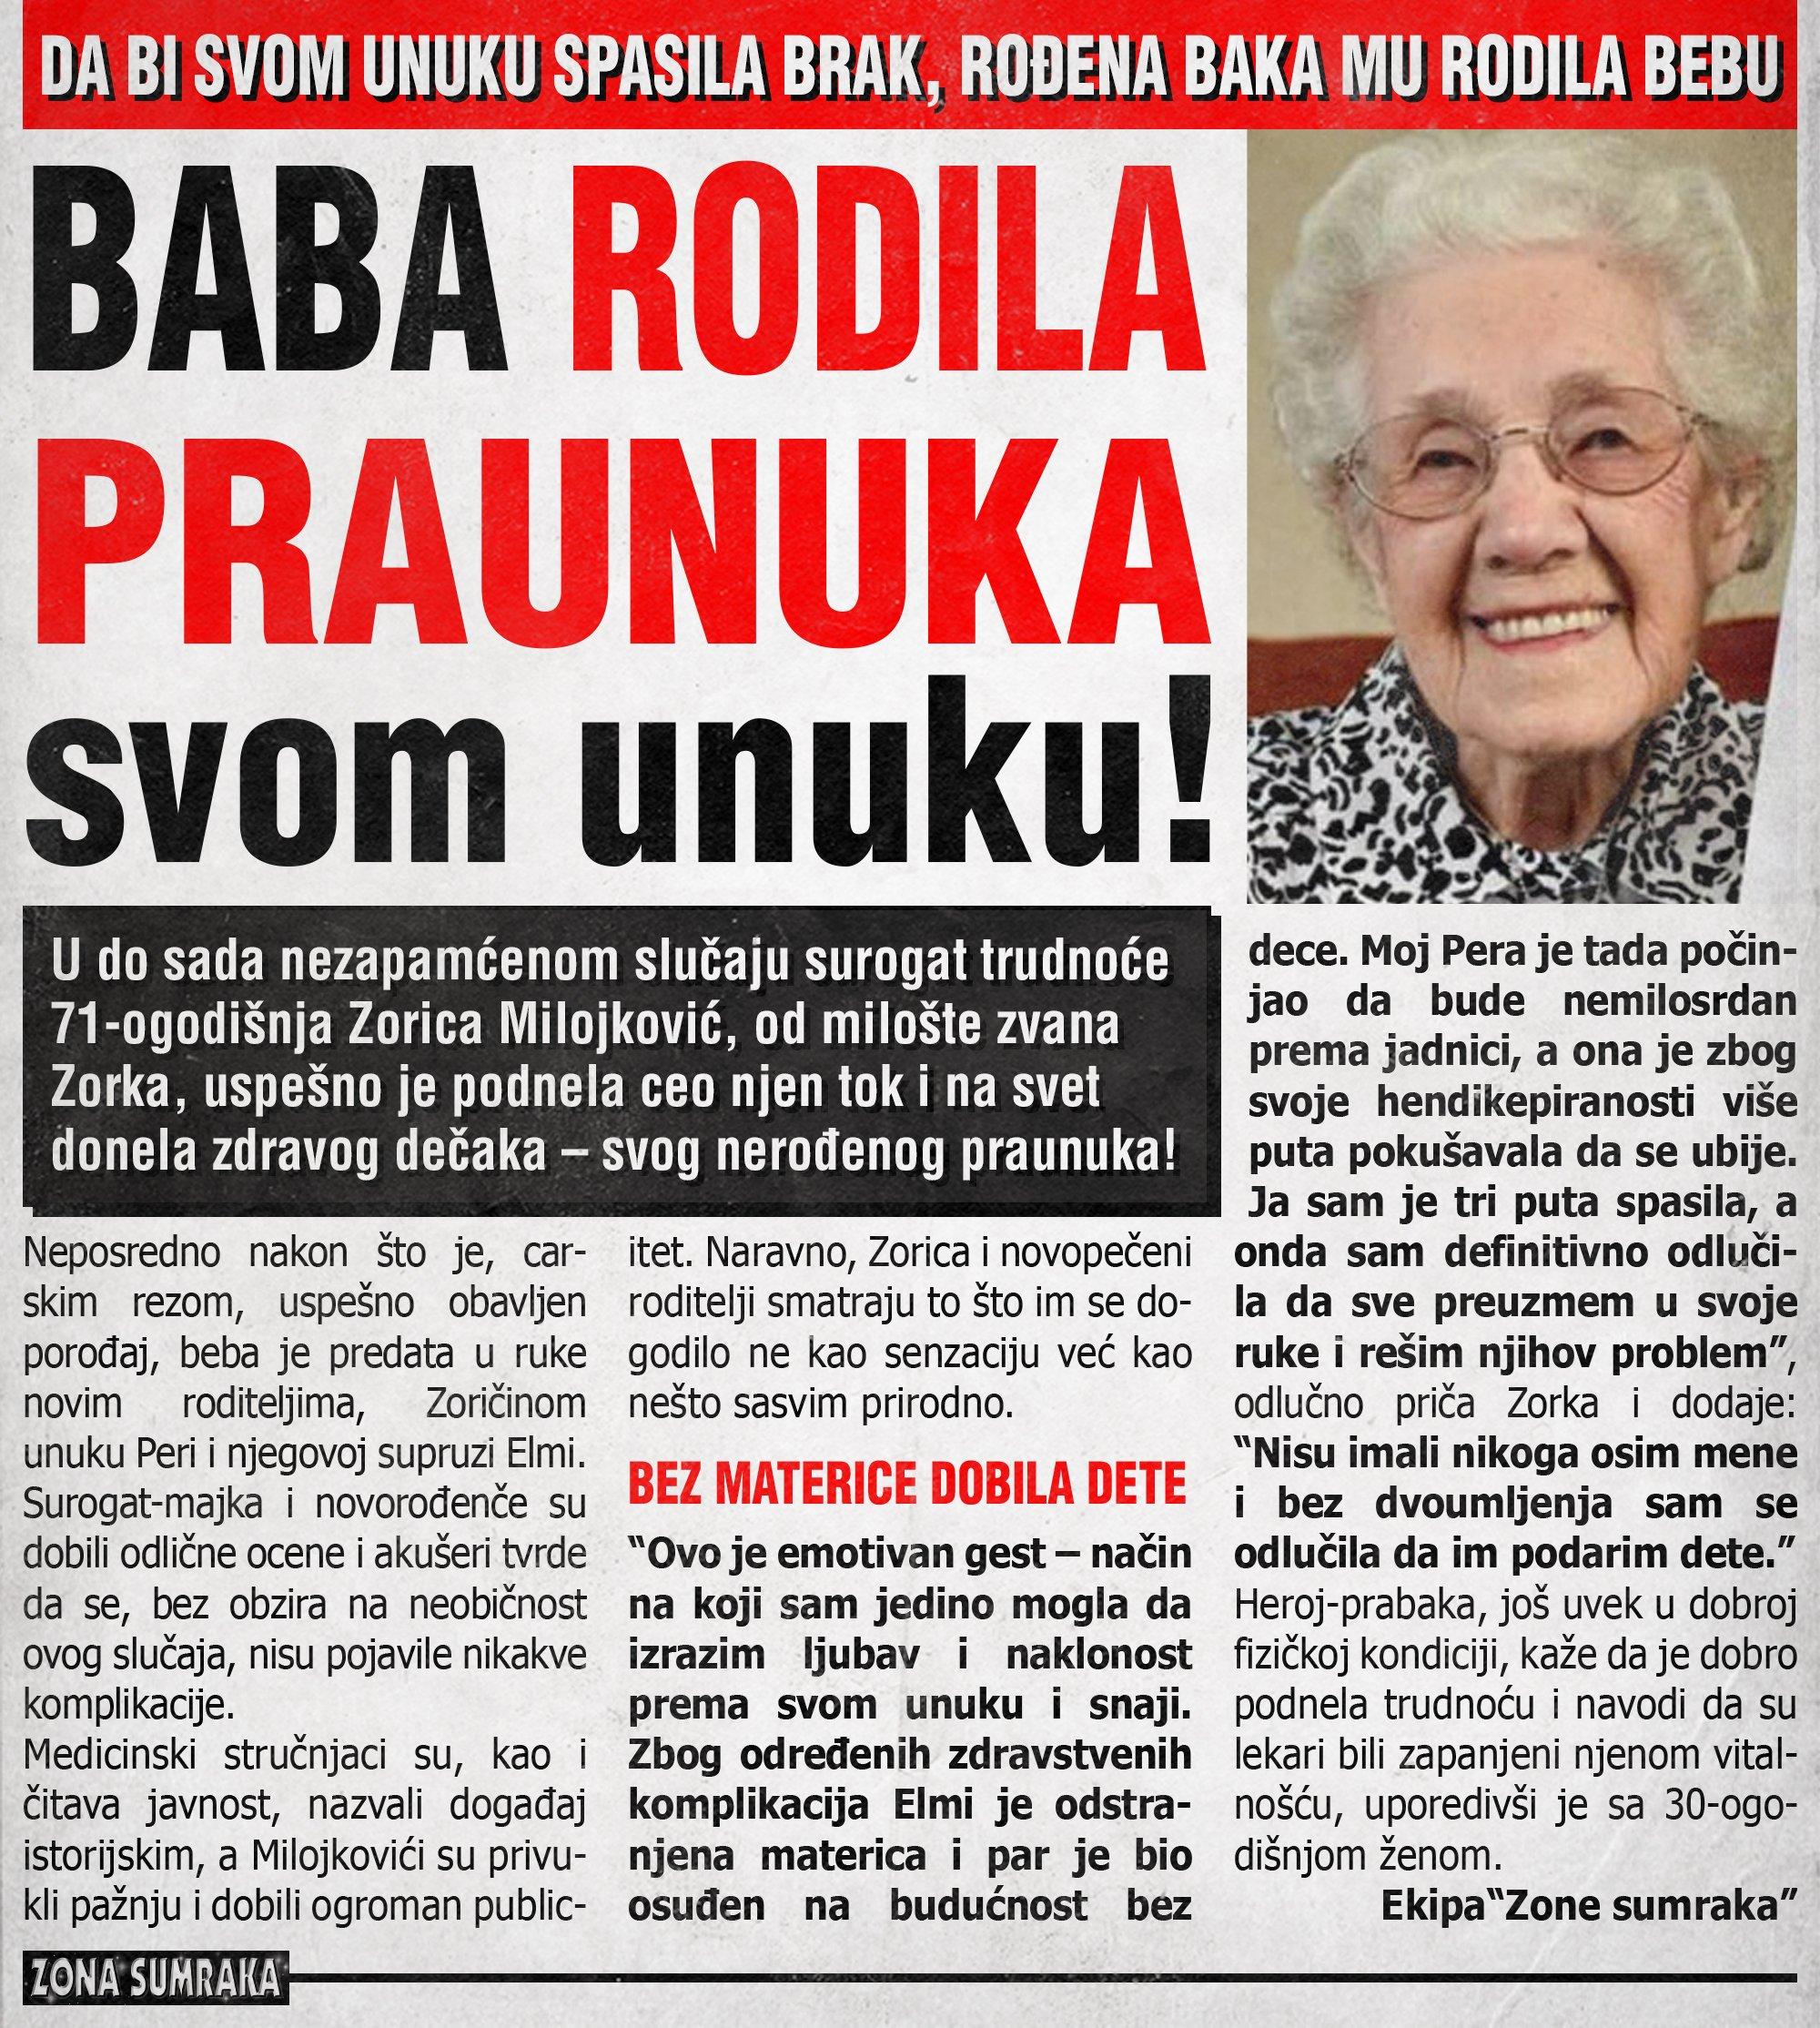 Baba rodila praunuka svom unuku!